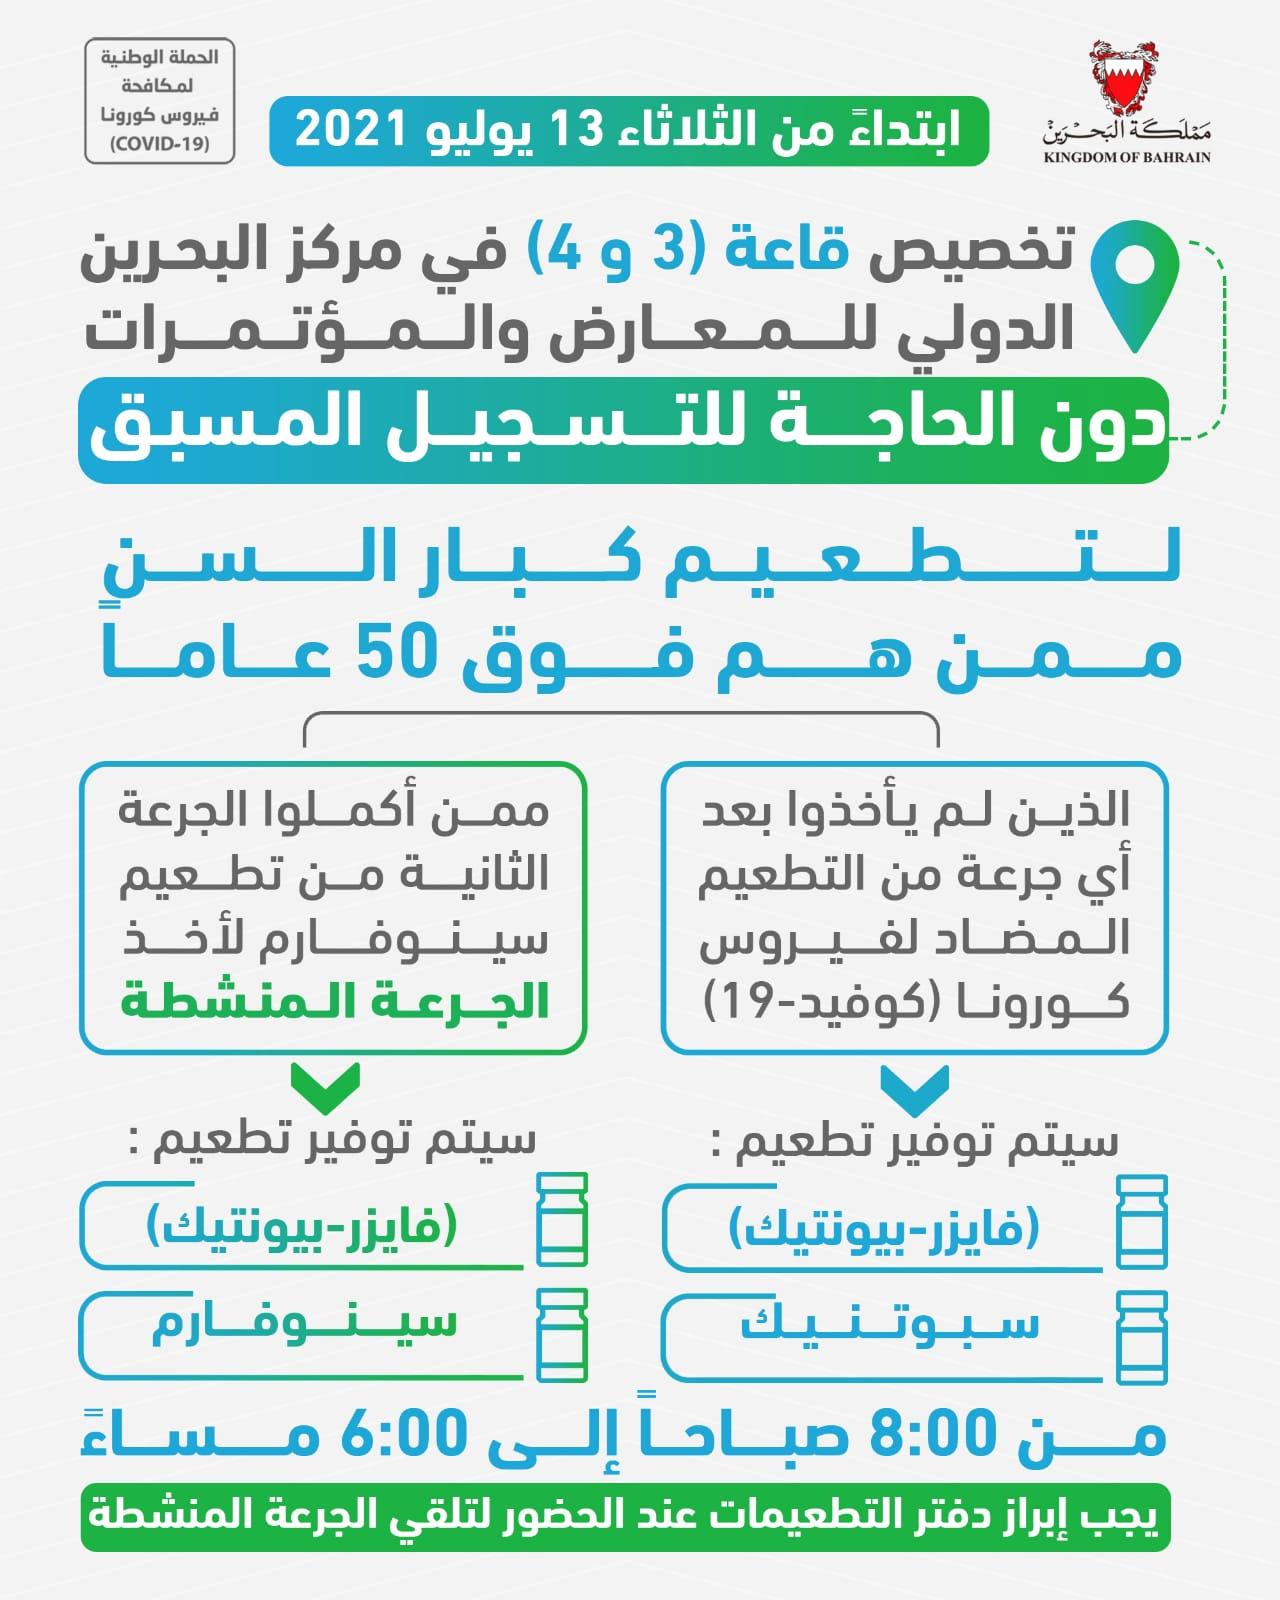 مؤكدة أهمية أخذ الفئات المعرضة للخطر للتطعيم والجرعة المنشطة منه وزارة الصحة: تخصيص قاعتين في مركز البحرين الدولي للمعارض والمؤتمرات لتطعيم كبار السن دون الحاجة للتسجيل المسبق